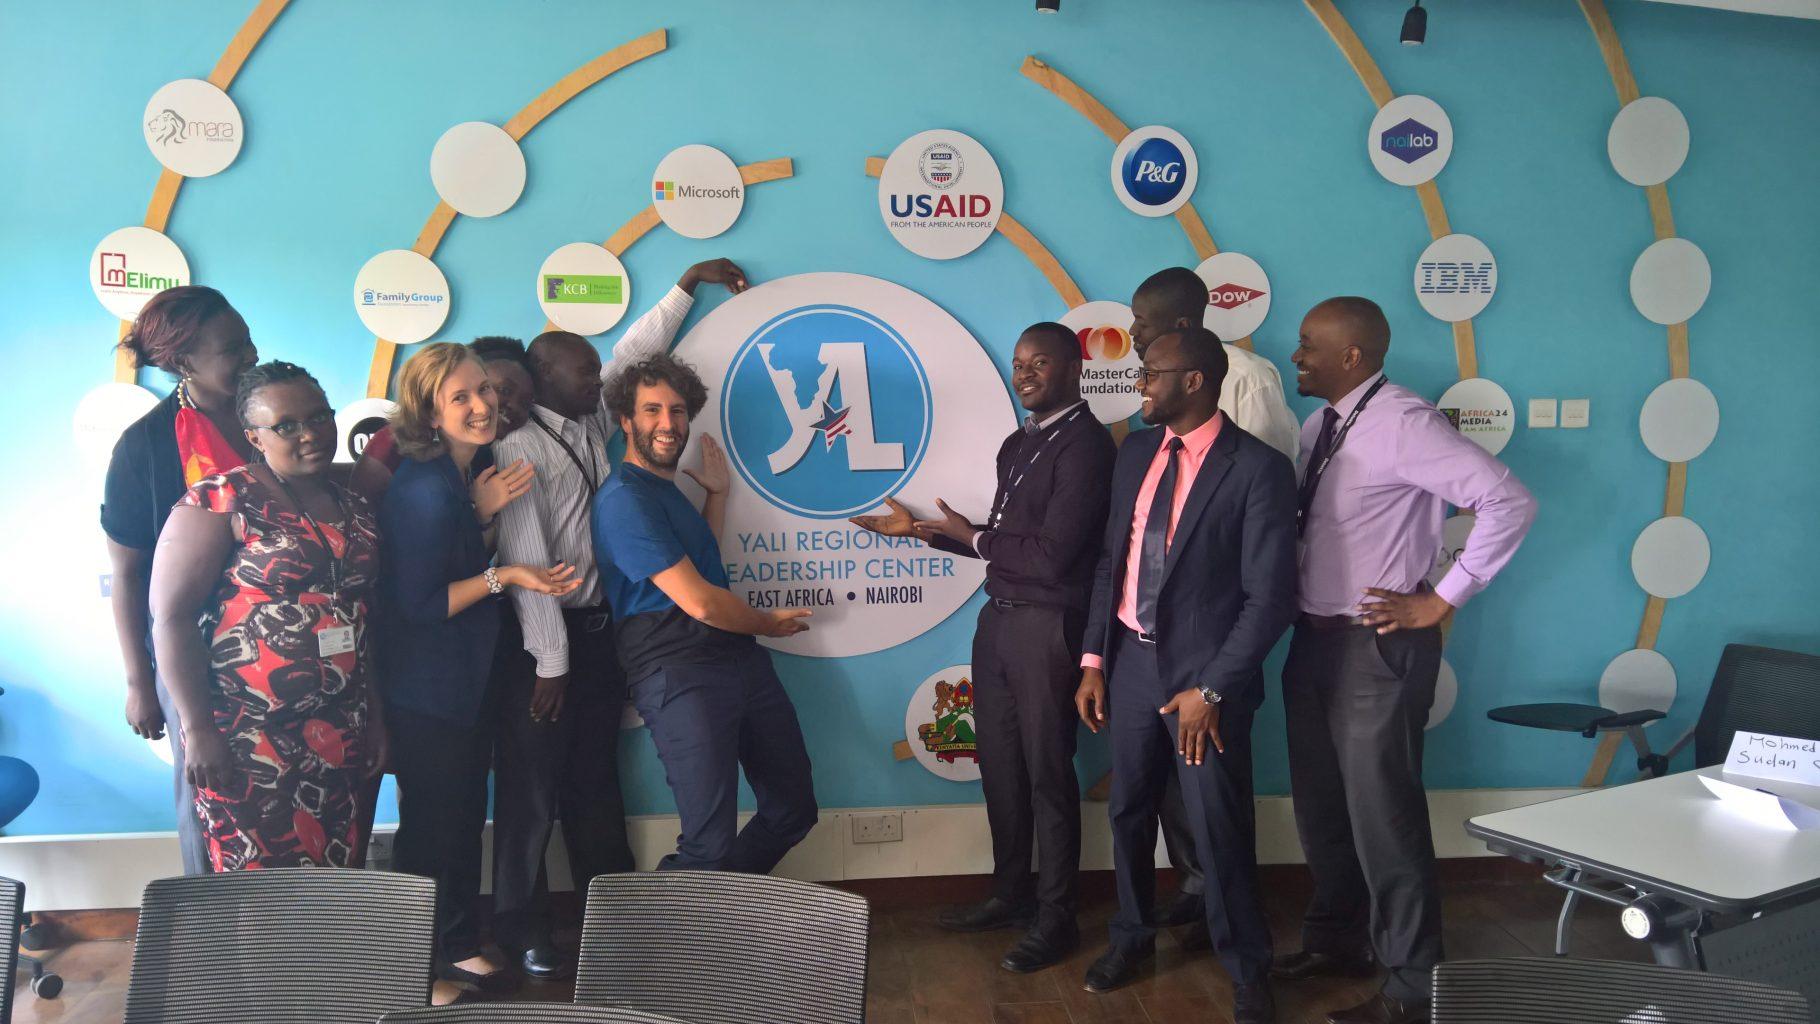 rencontres en ligne gratuites à Nairobi était Diem toujours datant CT